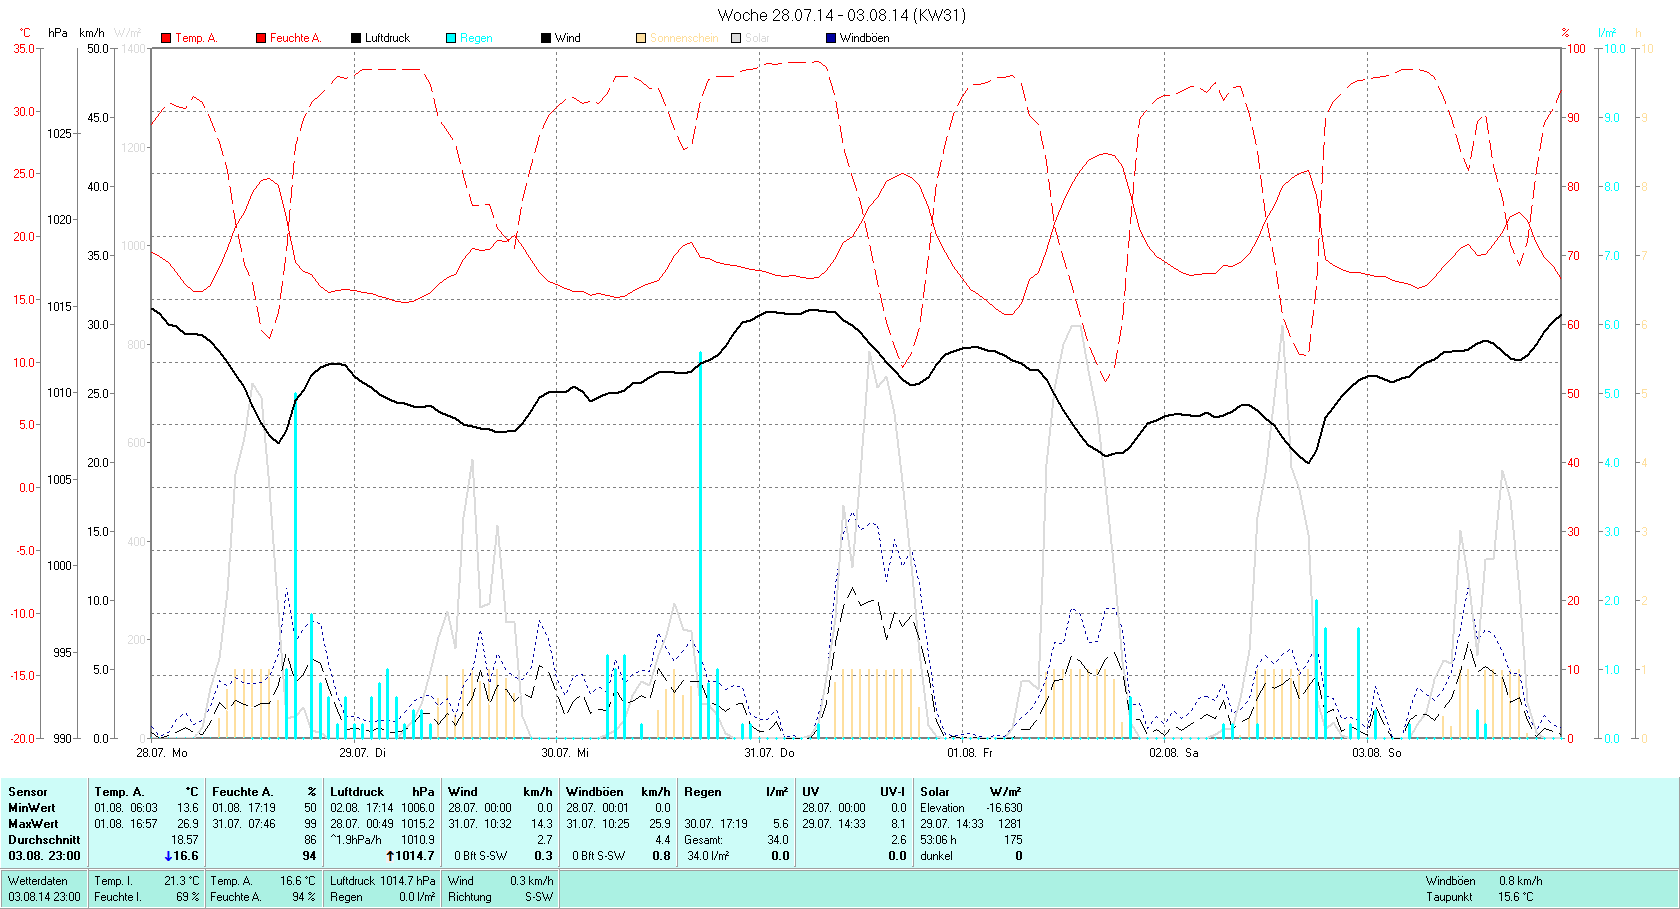 KW 31 Tmin 13.6°C, Tmax 26.9°C, Sonne 53:06h, Niederschlag 34.0mm/2